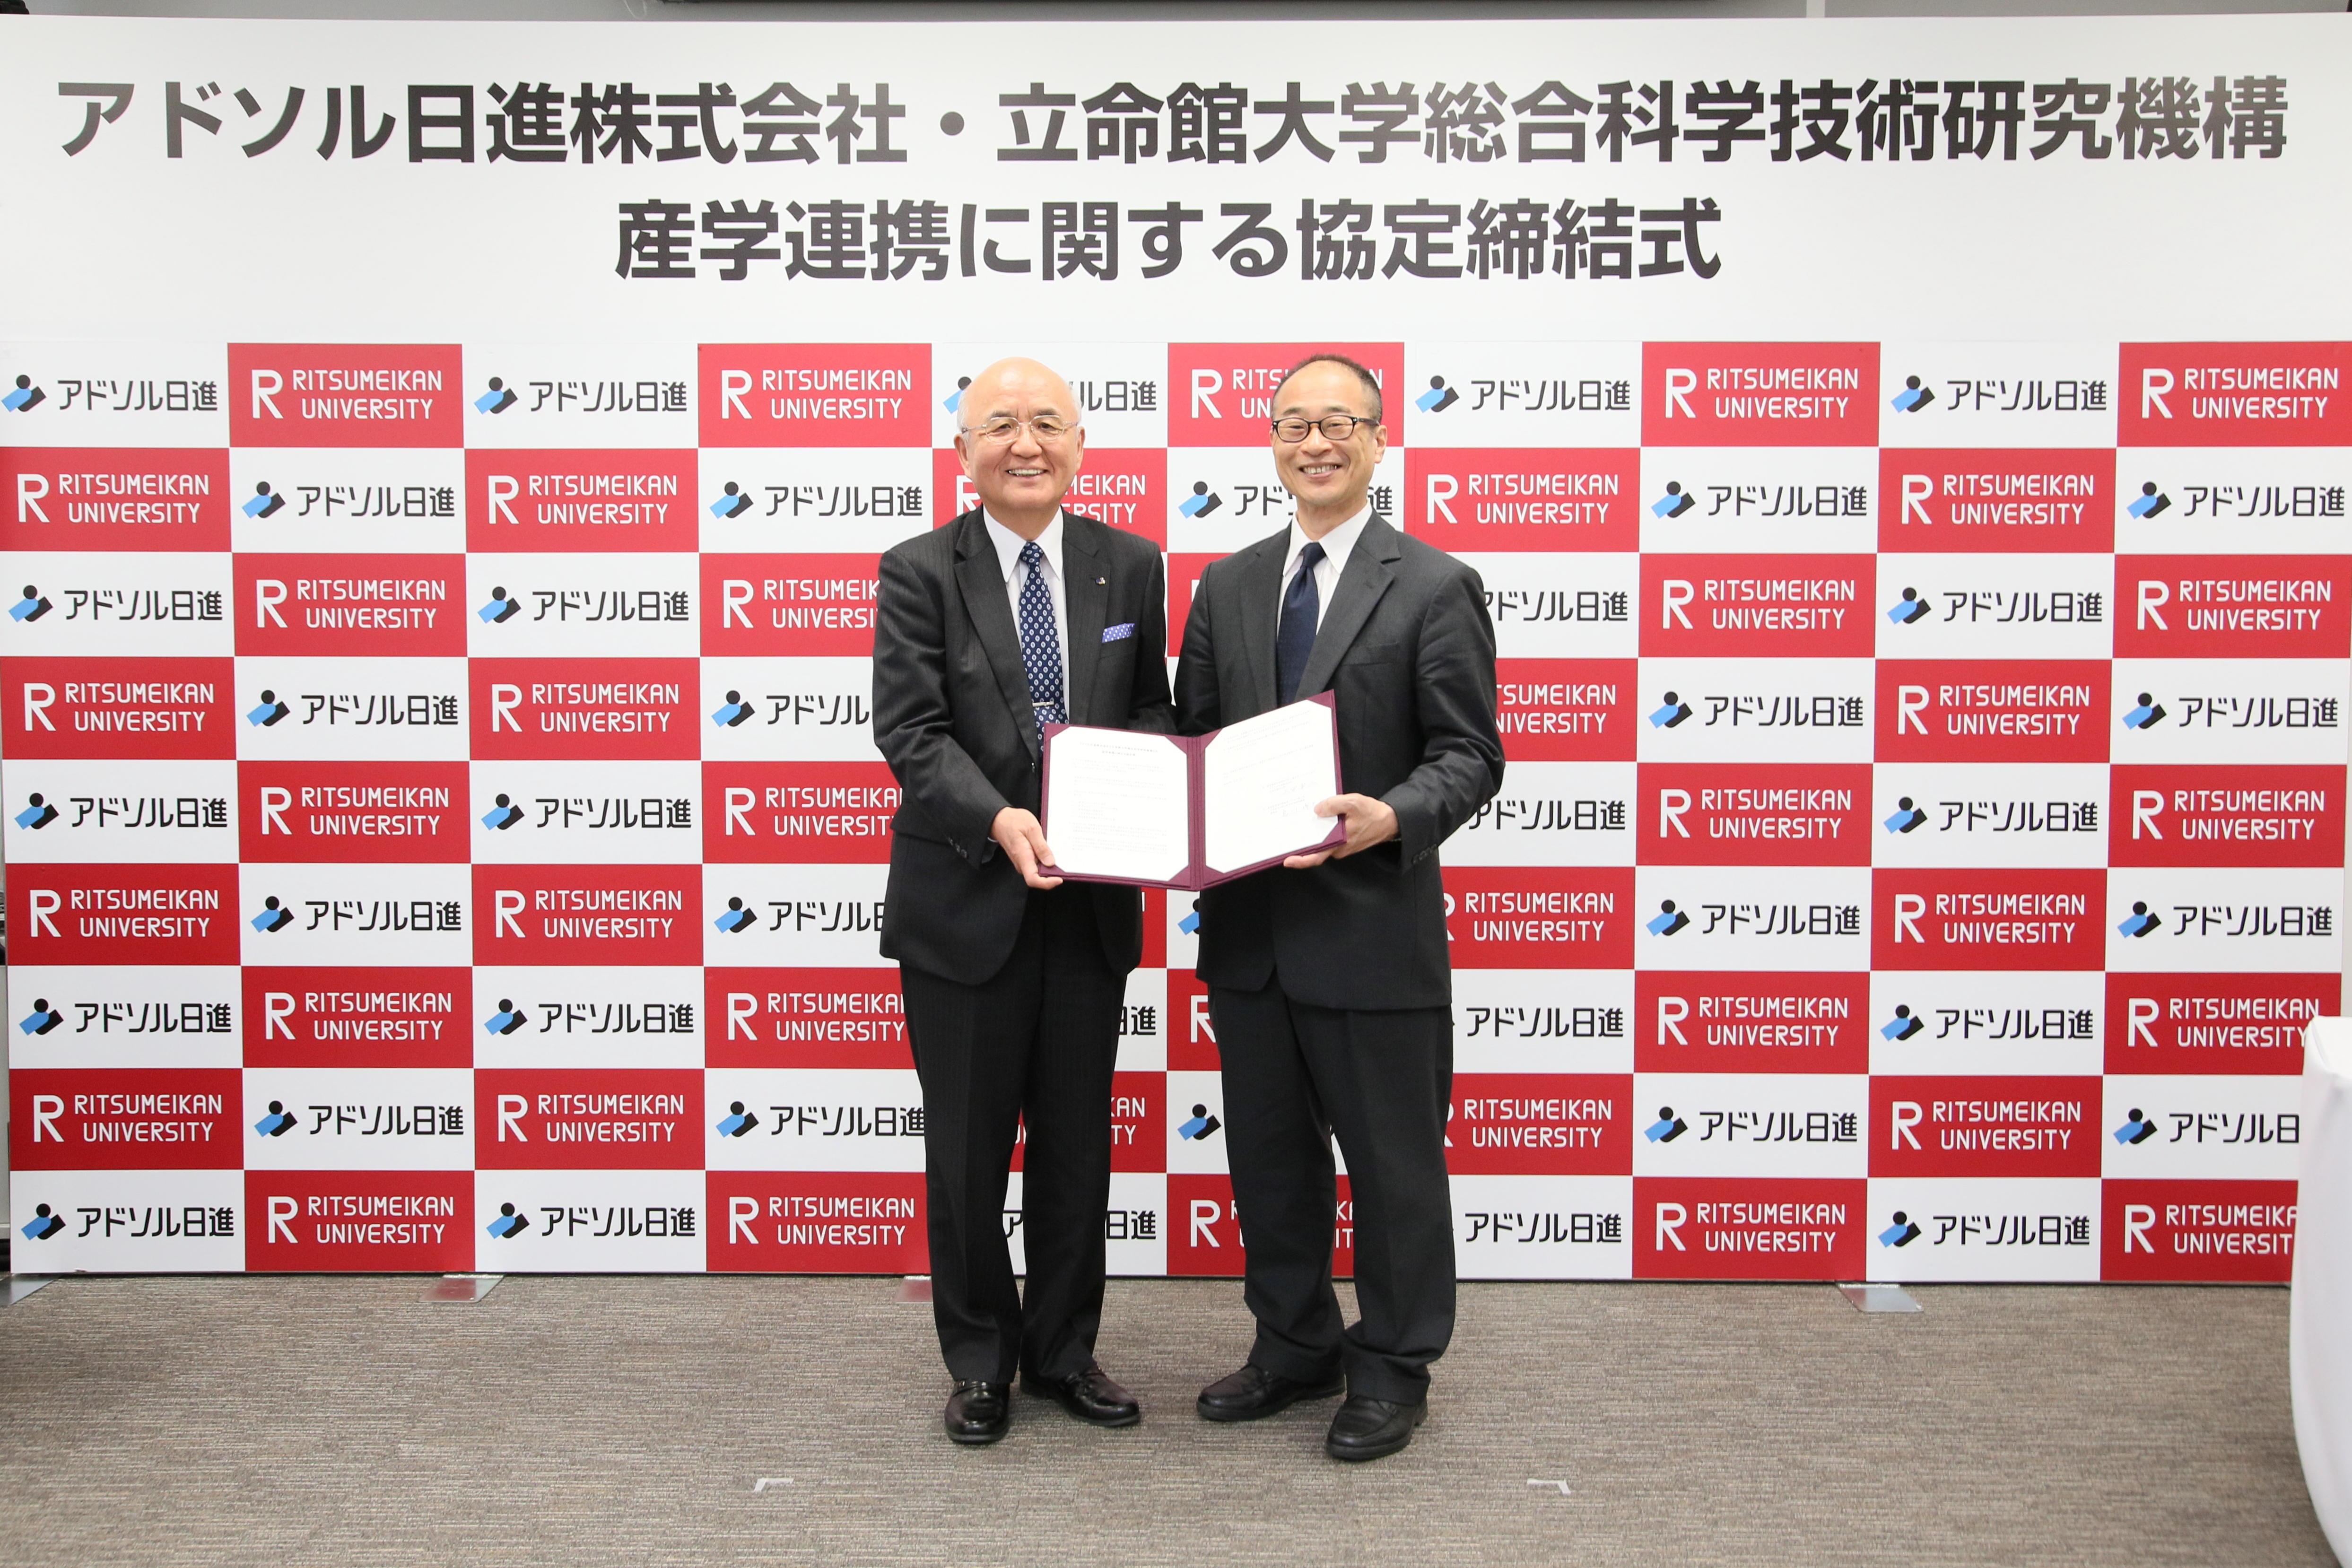 立命館大学総合科学技術研究機構とアドソル日進株式会社が産学連携協定を締結~IoTセキュリティ分野を主とする科学技術の発展を目指す~